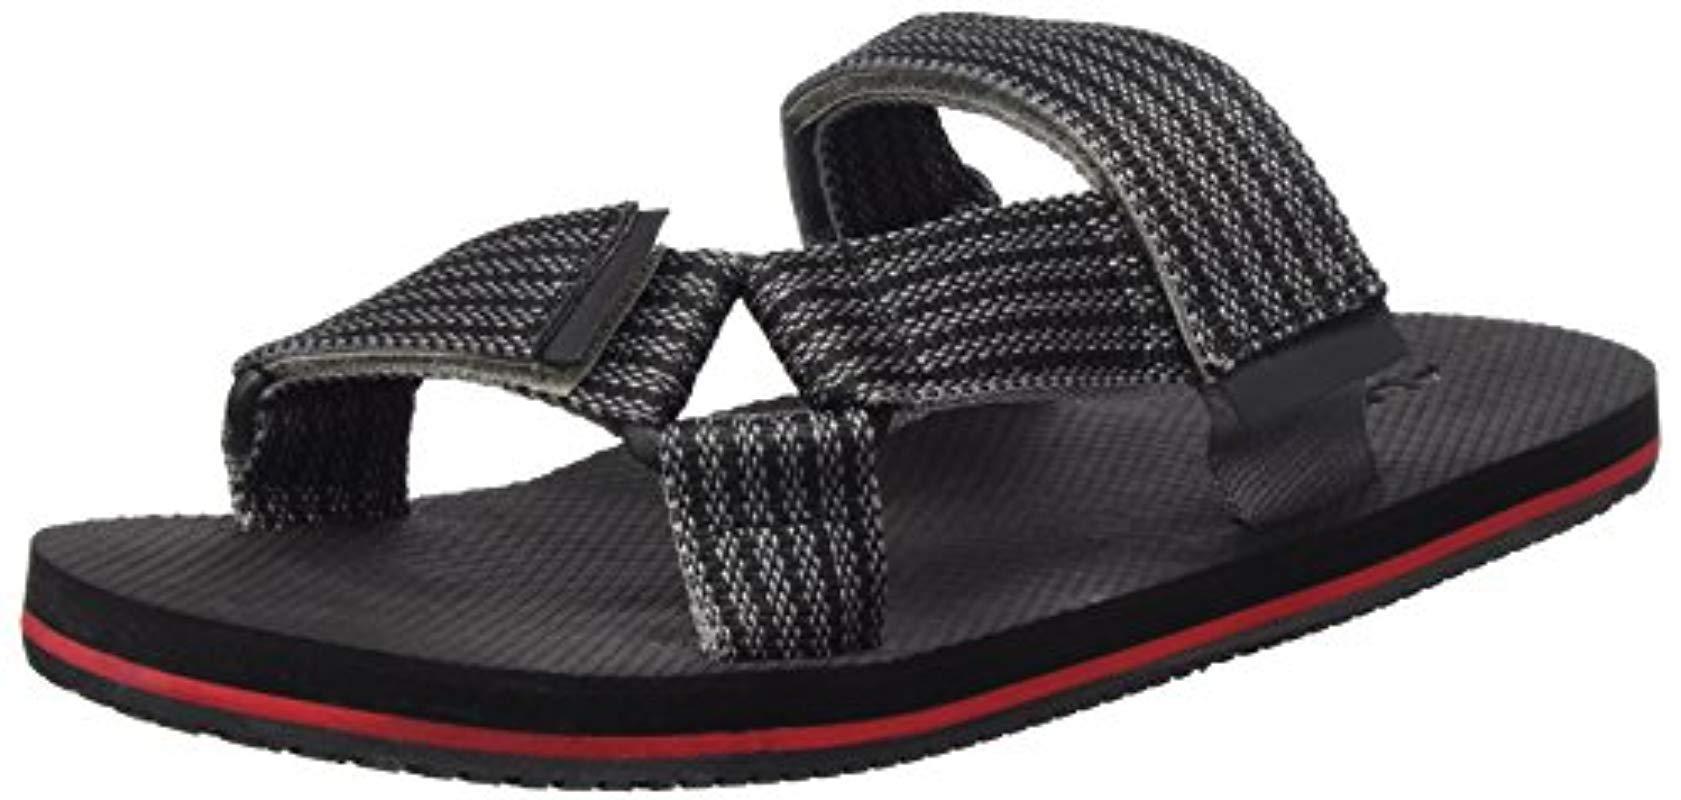 82544127134 ALDO Aawiel Open Back Slippers in Black for Men - Save ...